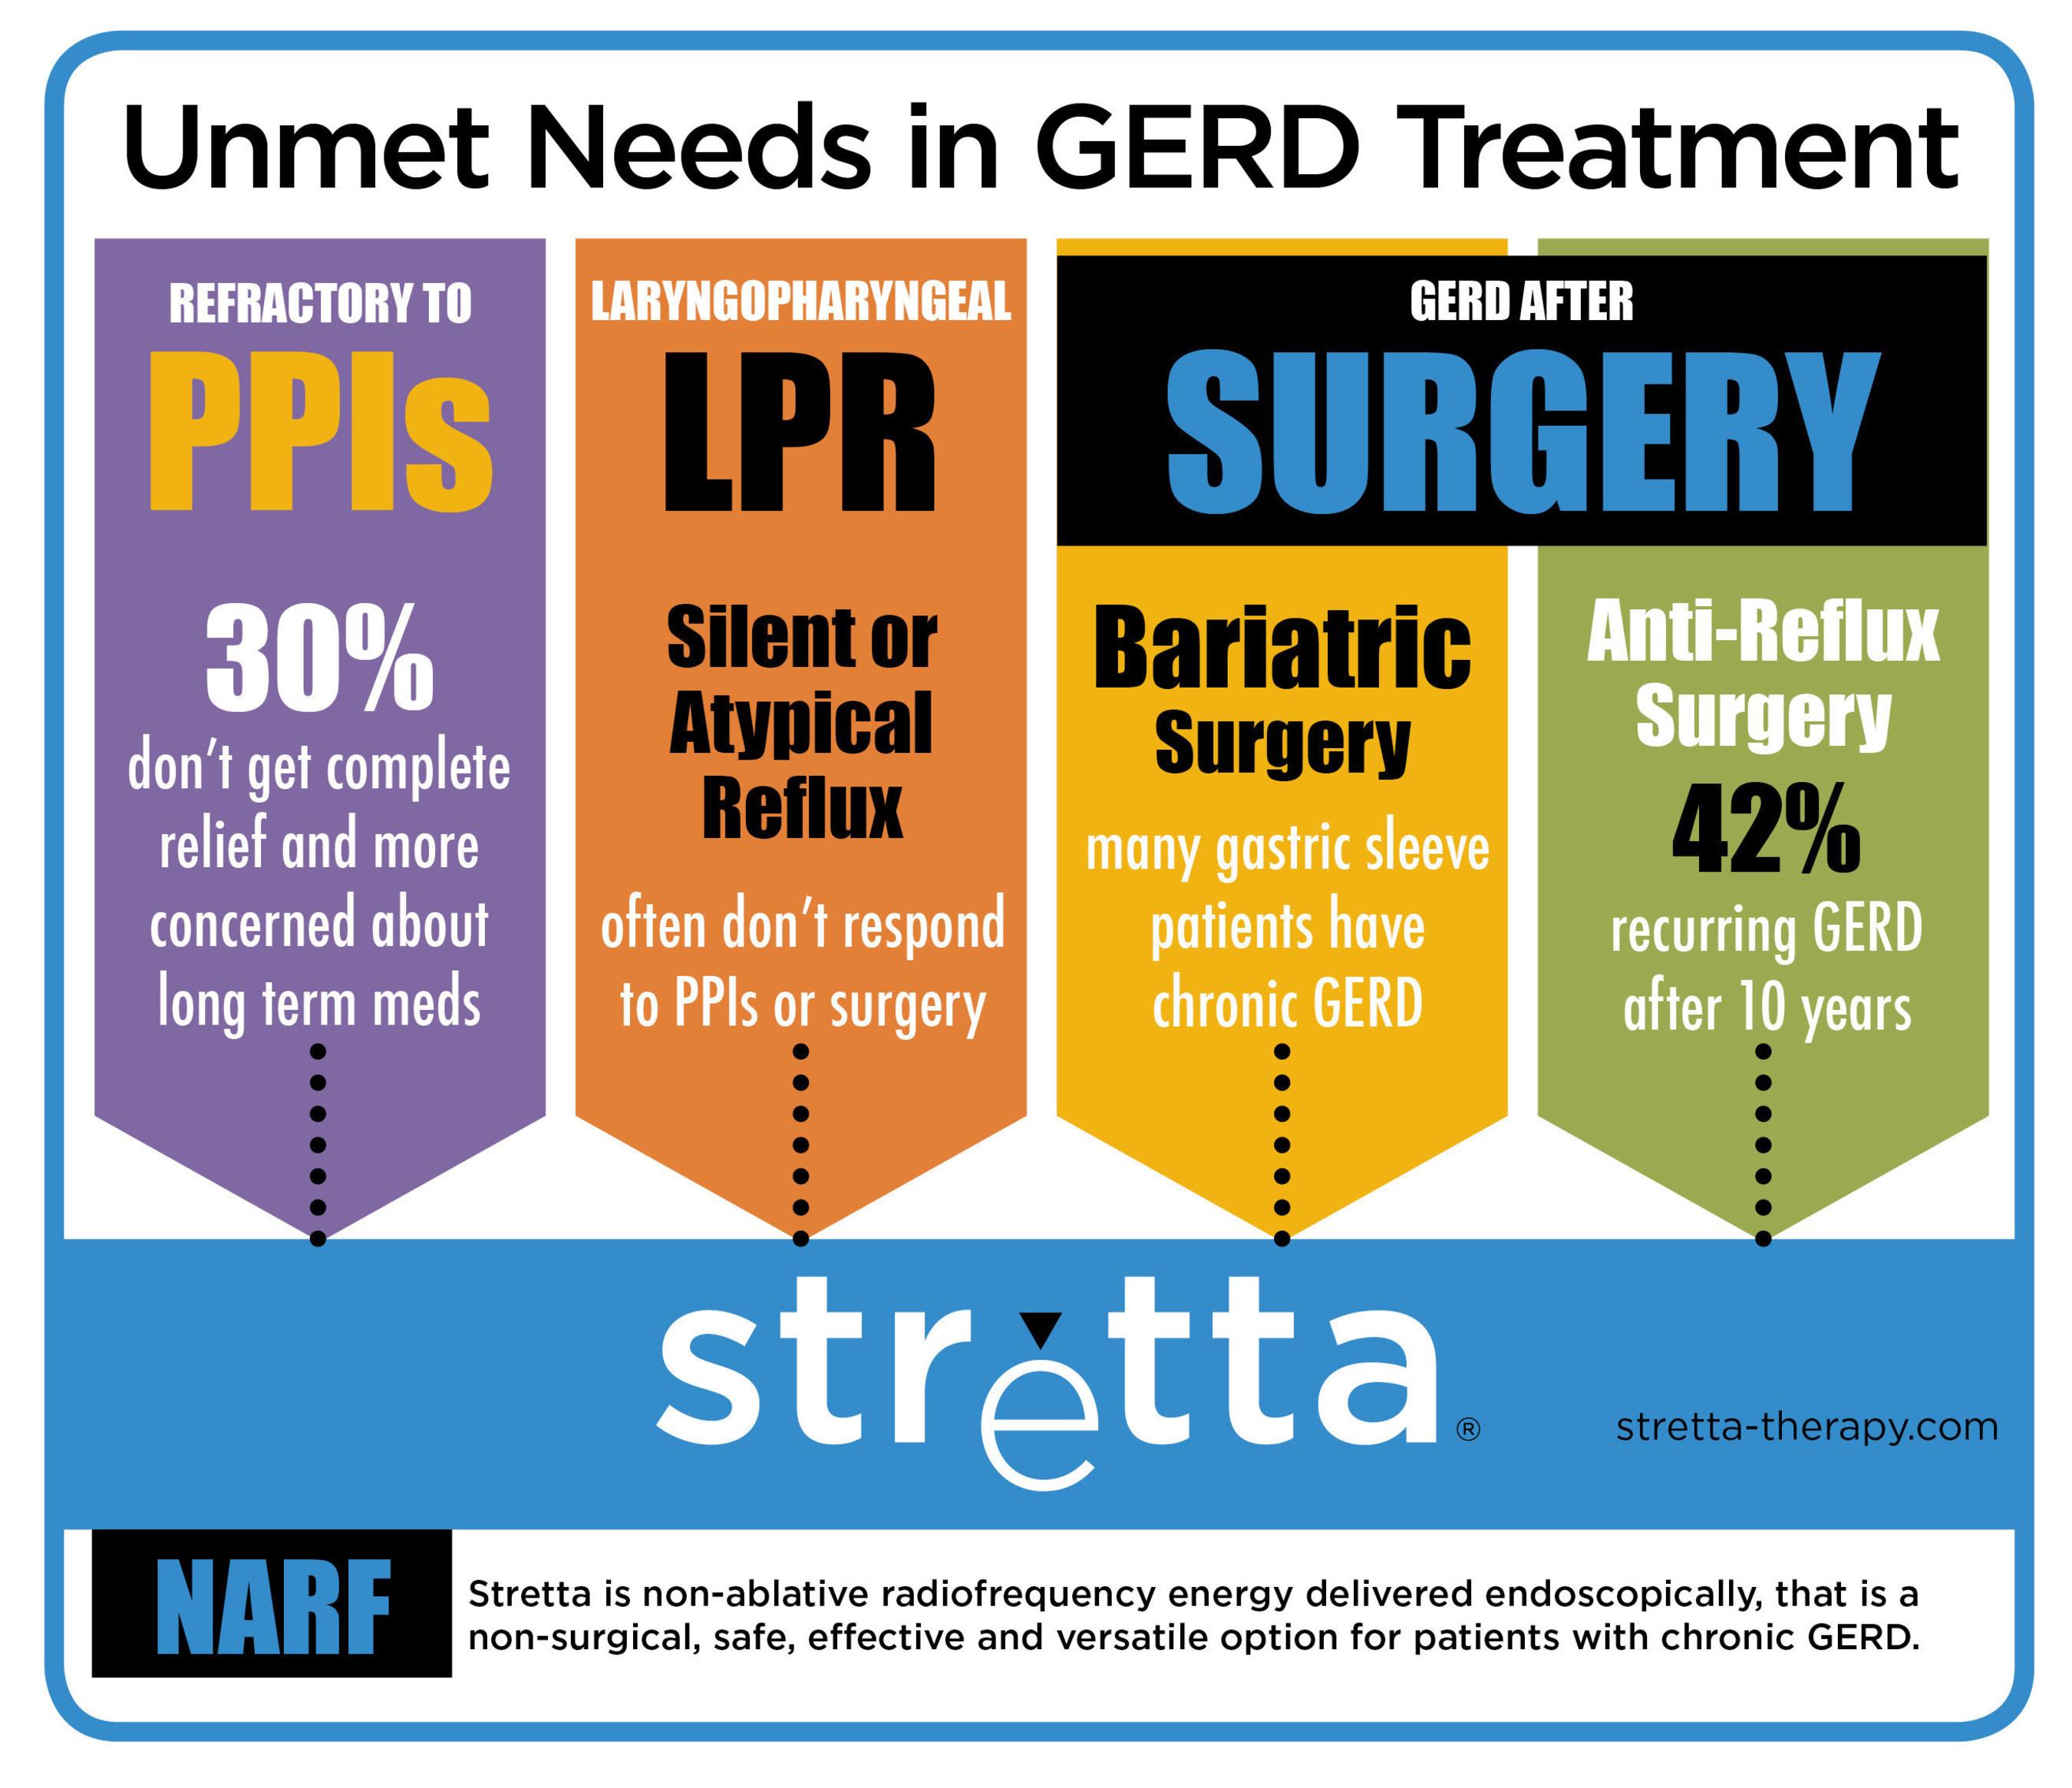 Verschiedene Kongresse im Herbst konzentrieren sich auf die Stretta-Therapie als vielseitige Option